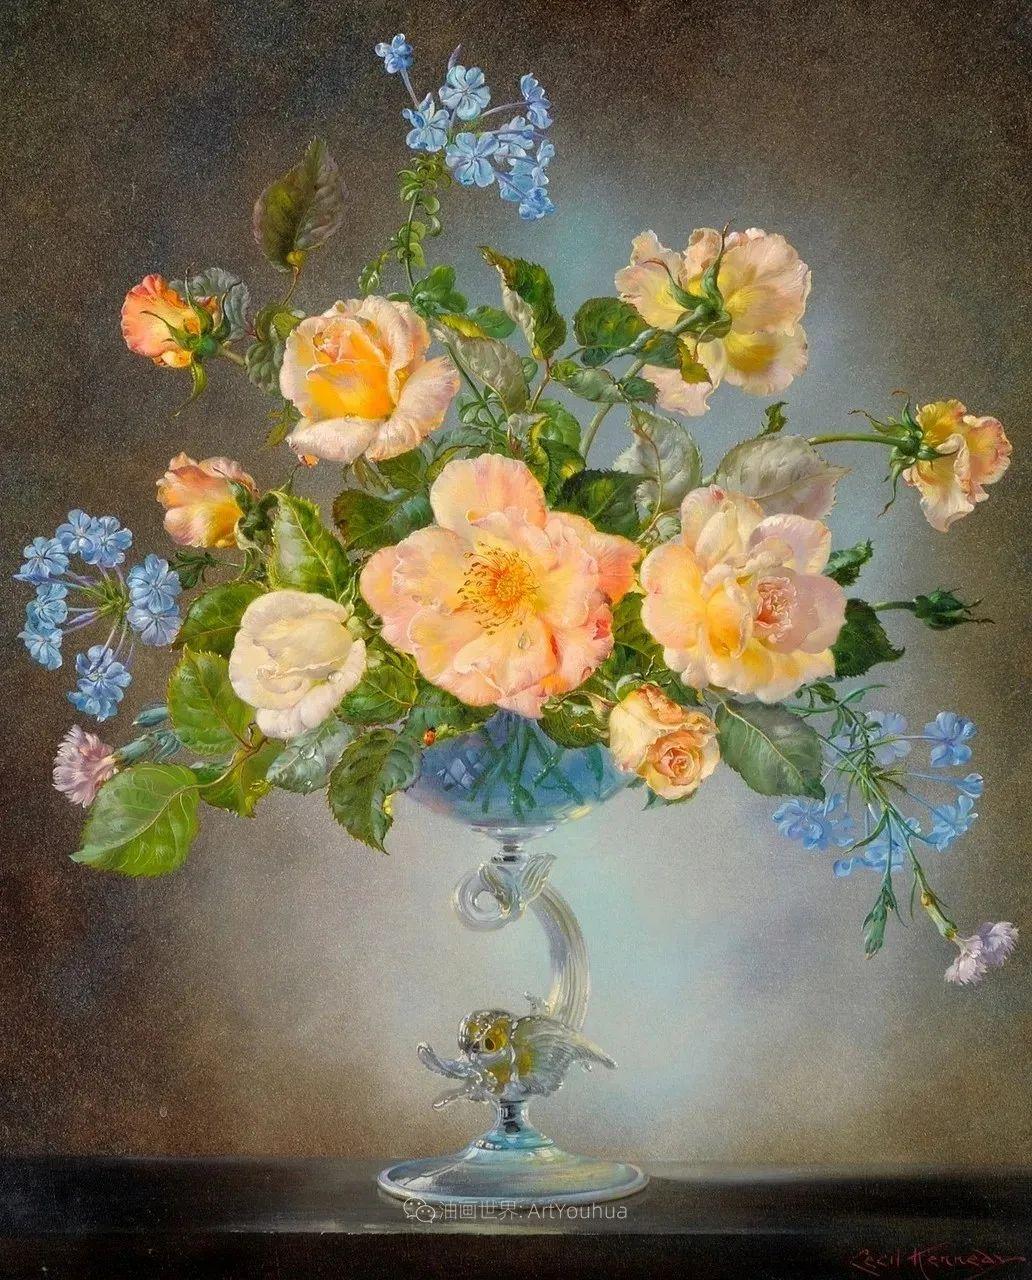 英国最伟大的花卉画家之一,艺术家塞西尔·肯尼迪插图67